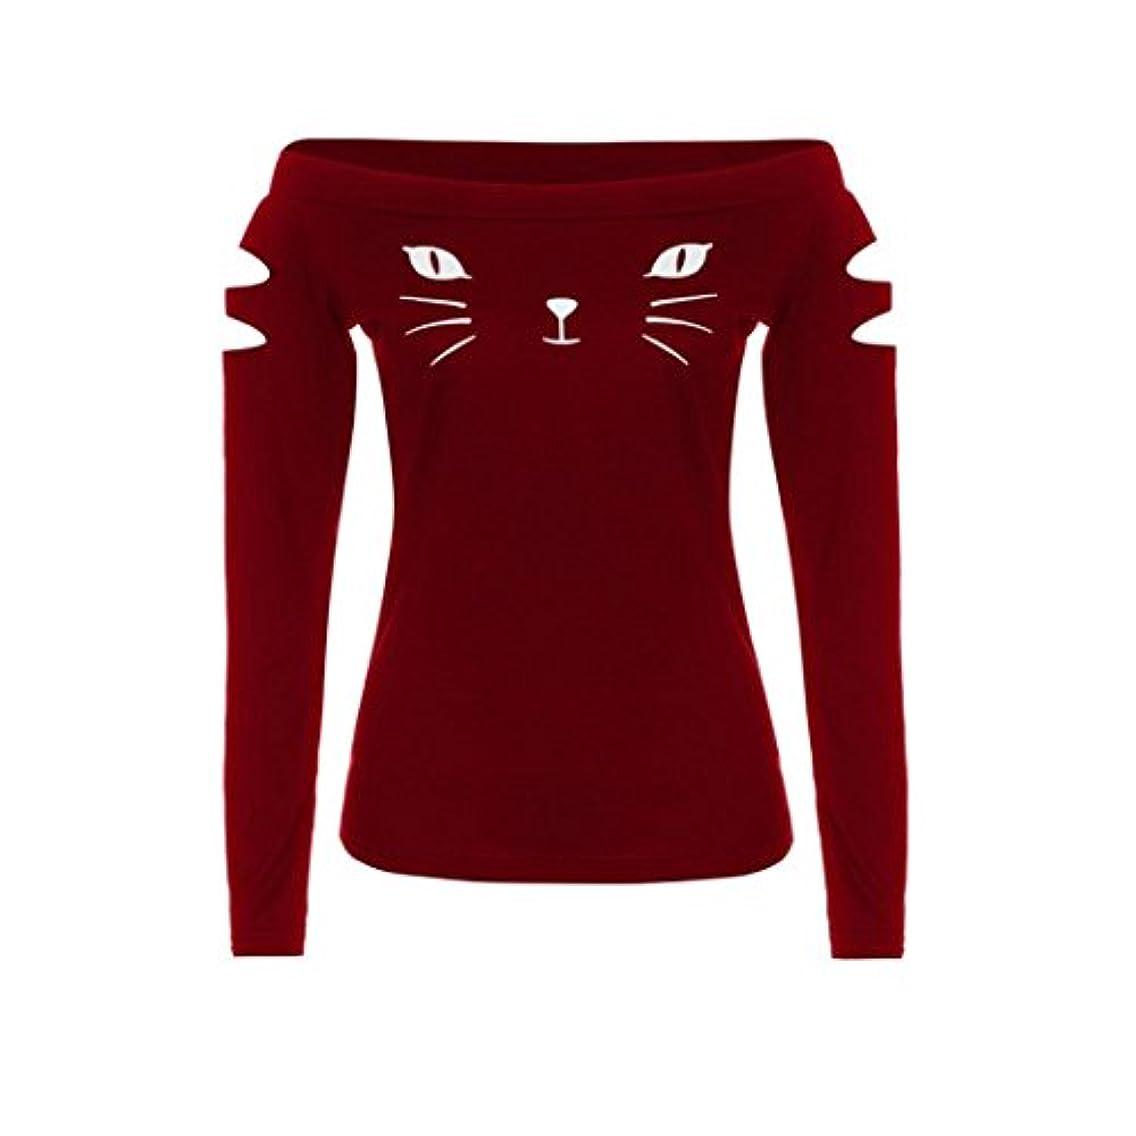 ブラウス請負業者抵抗SakuraBest 女性スラント長袖ブラウス猫プリントTシャツ